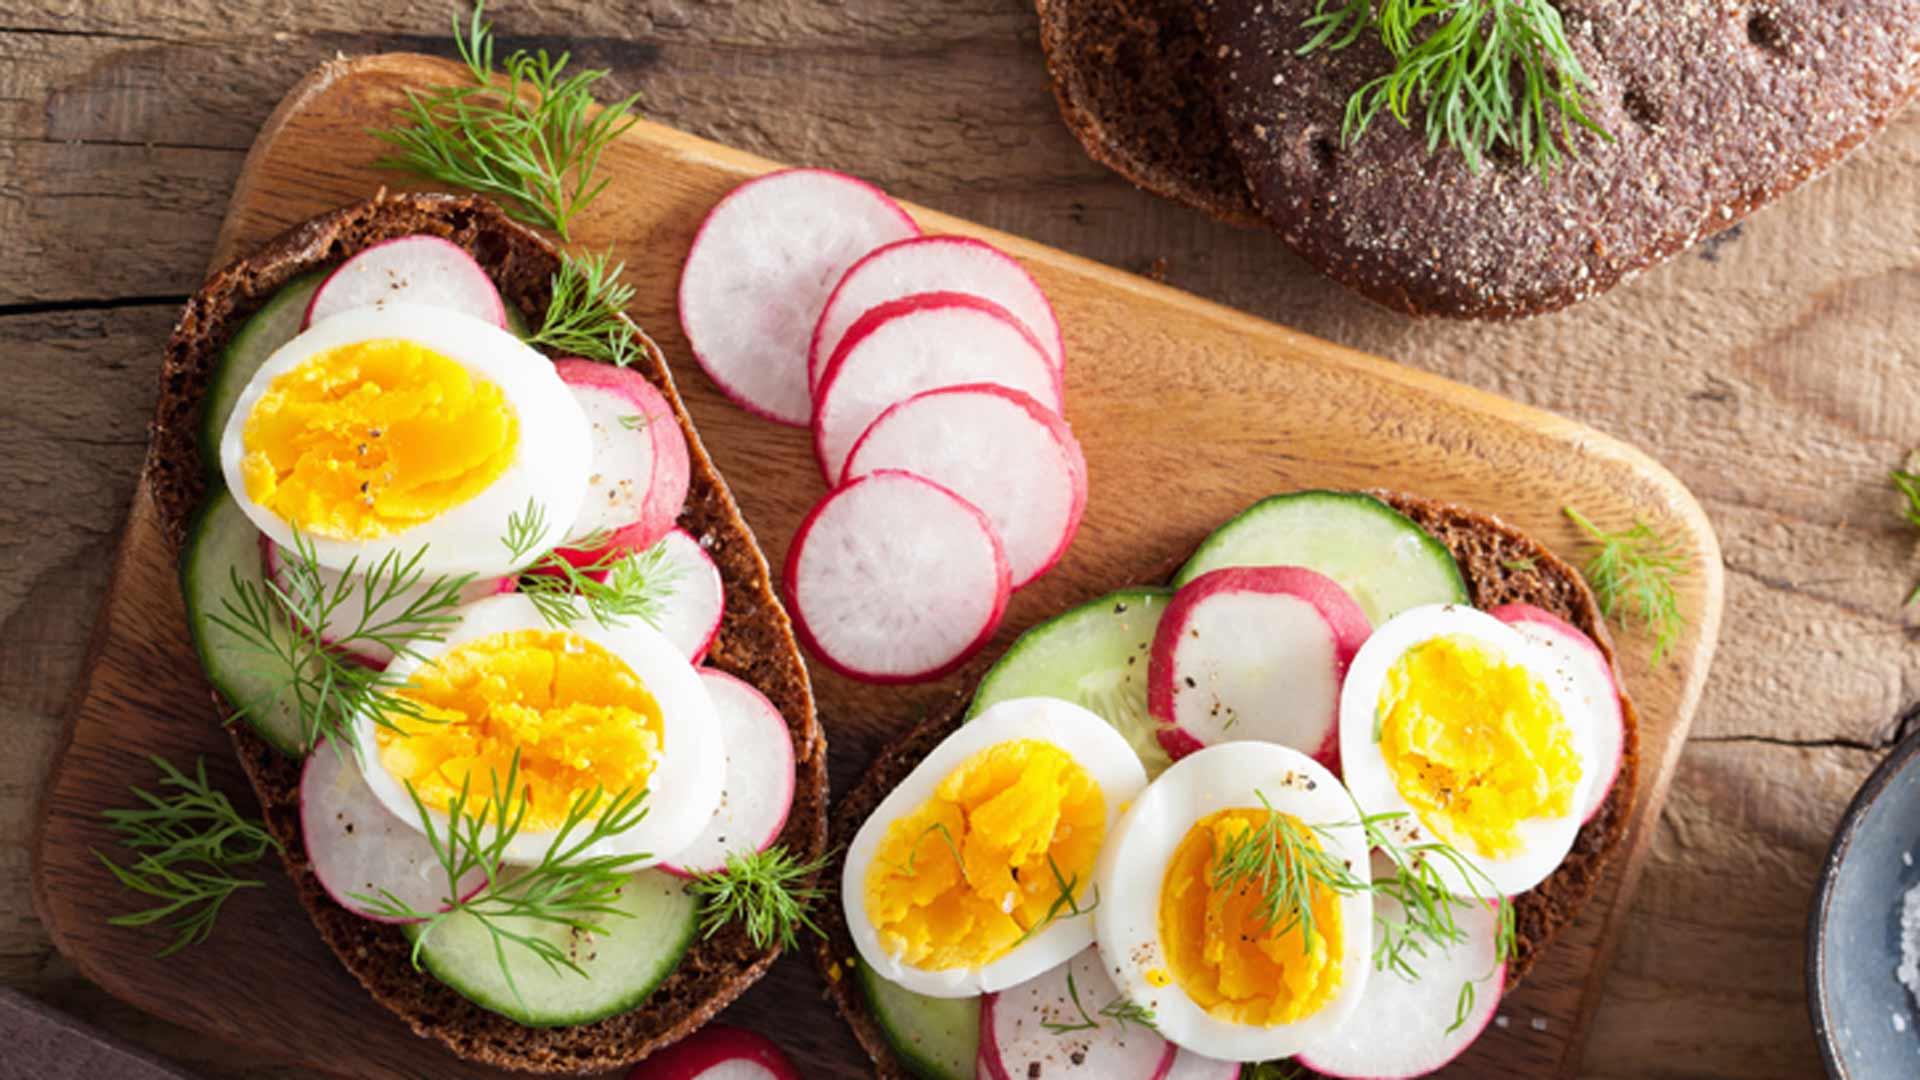 Wo können Sie die Eier des Steinefurthofs erwerben?